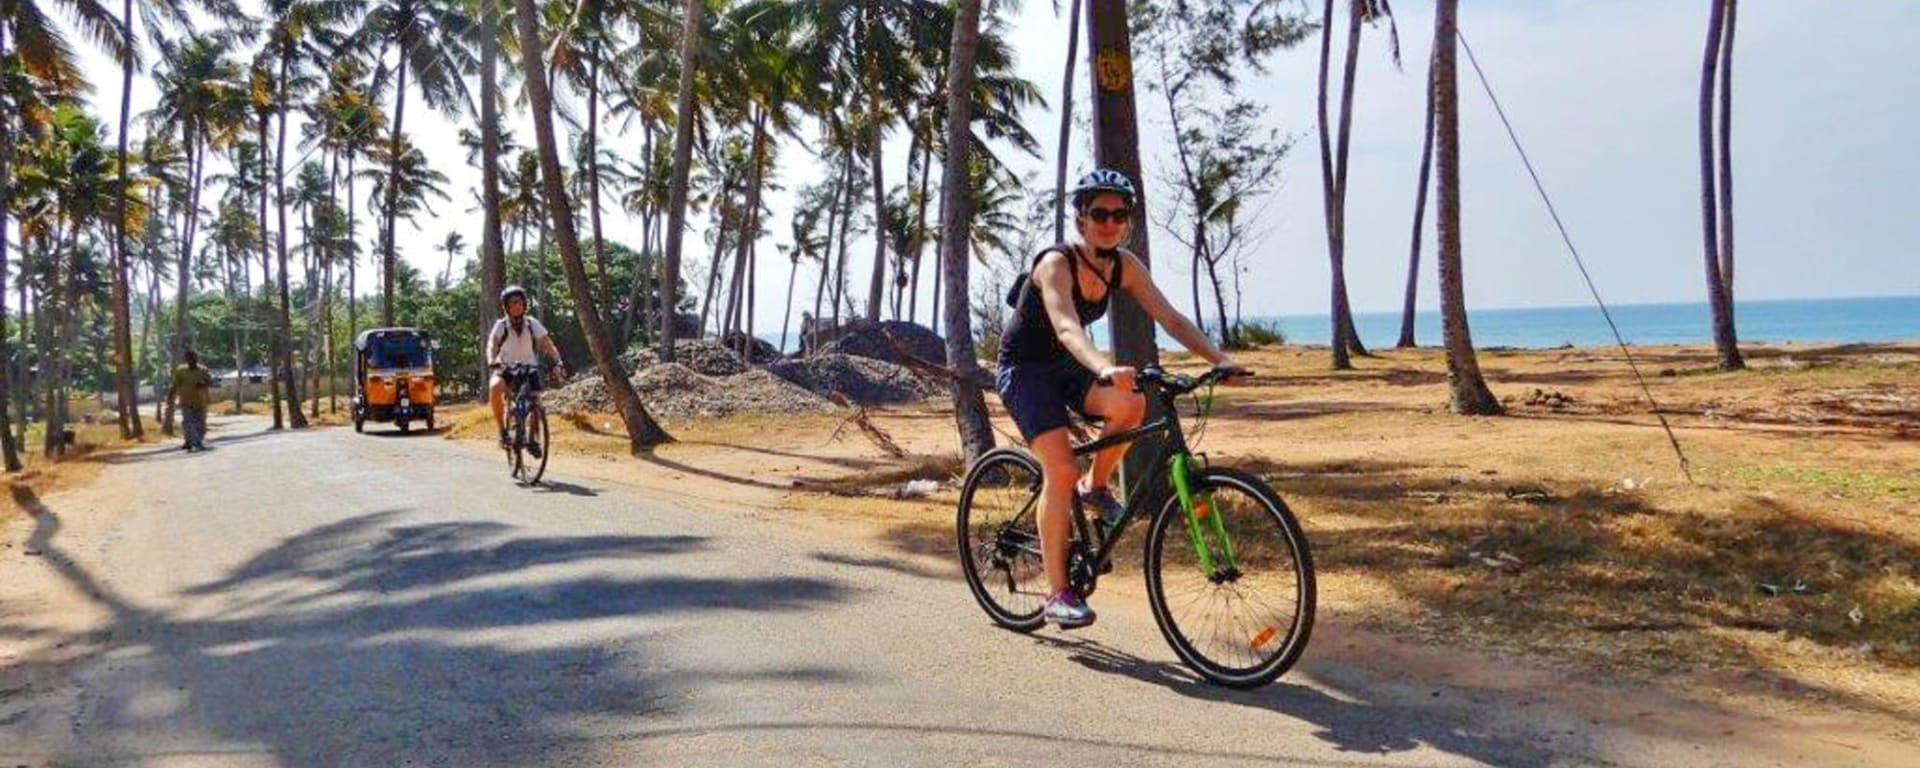 Tour à vélo à travers le Kerala de Kovalam: Velotour Kerala